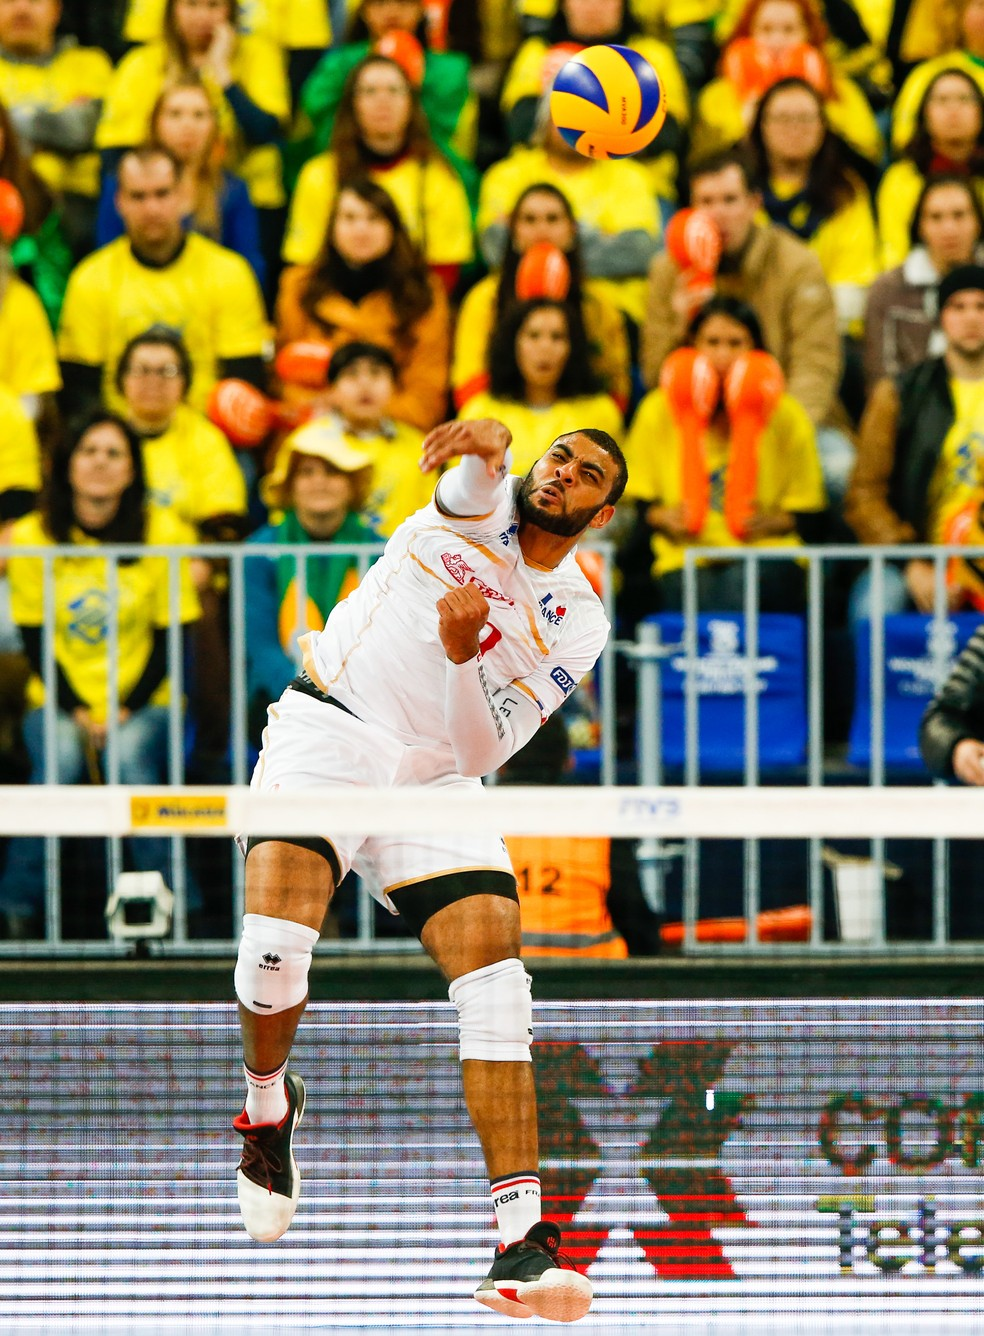 Brasil x França - final liga mundial de vôlei - Earvin Ngapeth (Foto: FIVB)